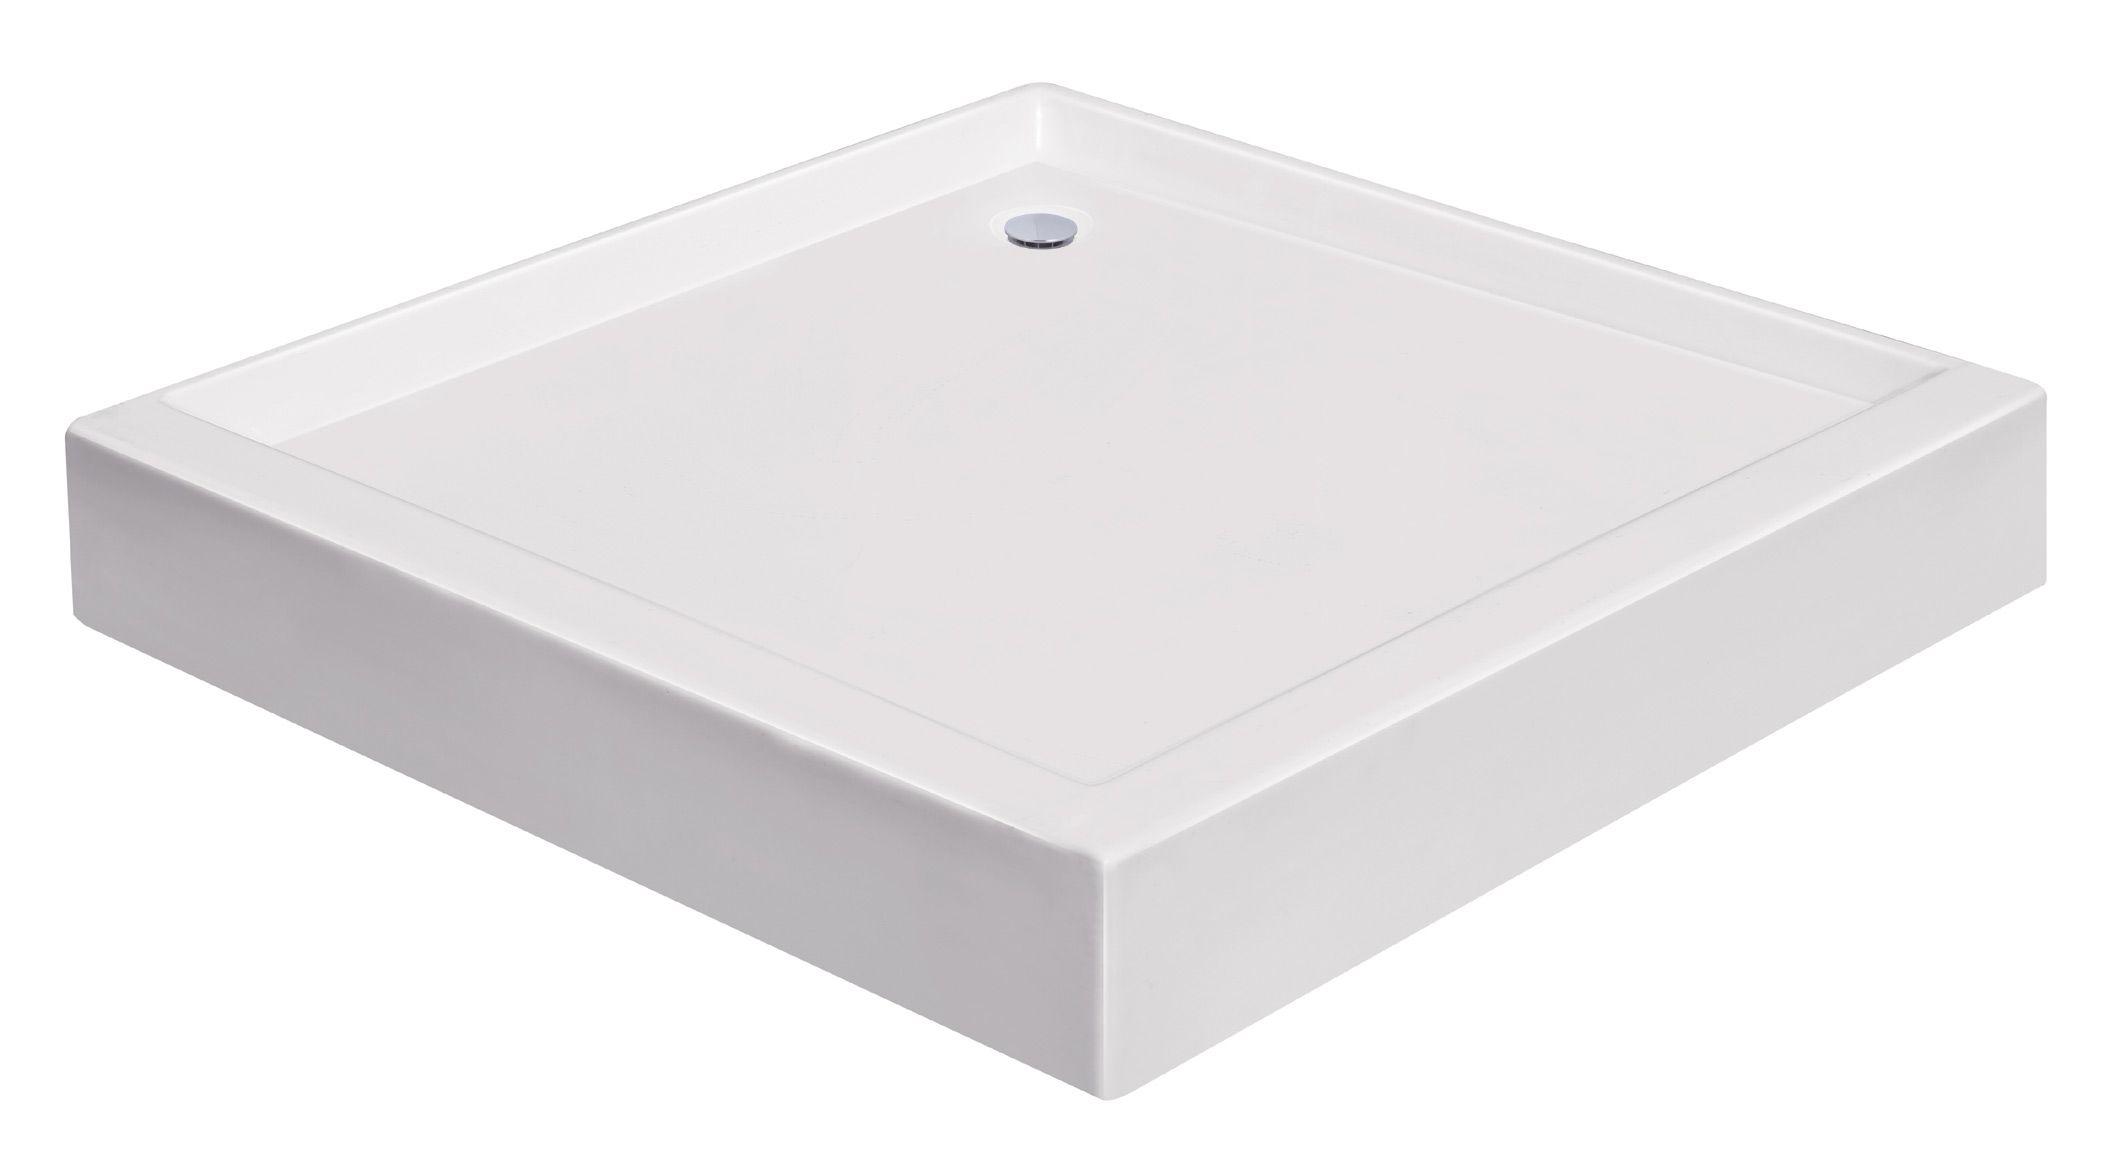 Lambini Designs Aken douchebak vierkant 90x90cm acryl